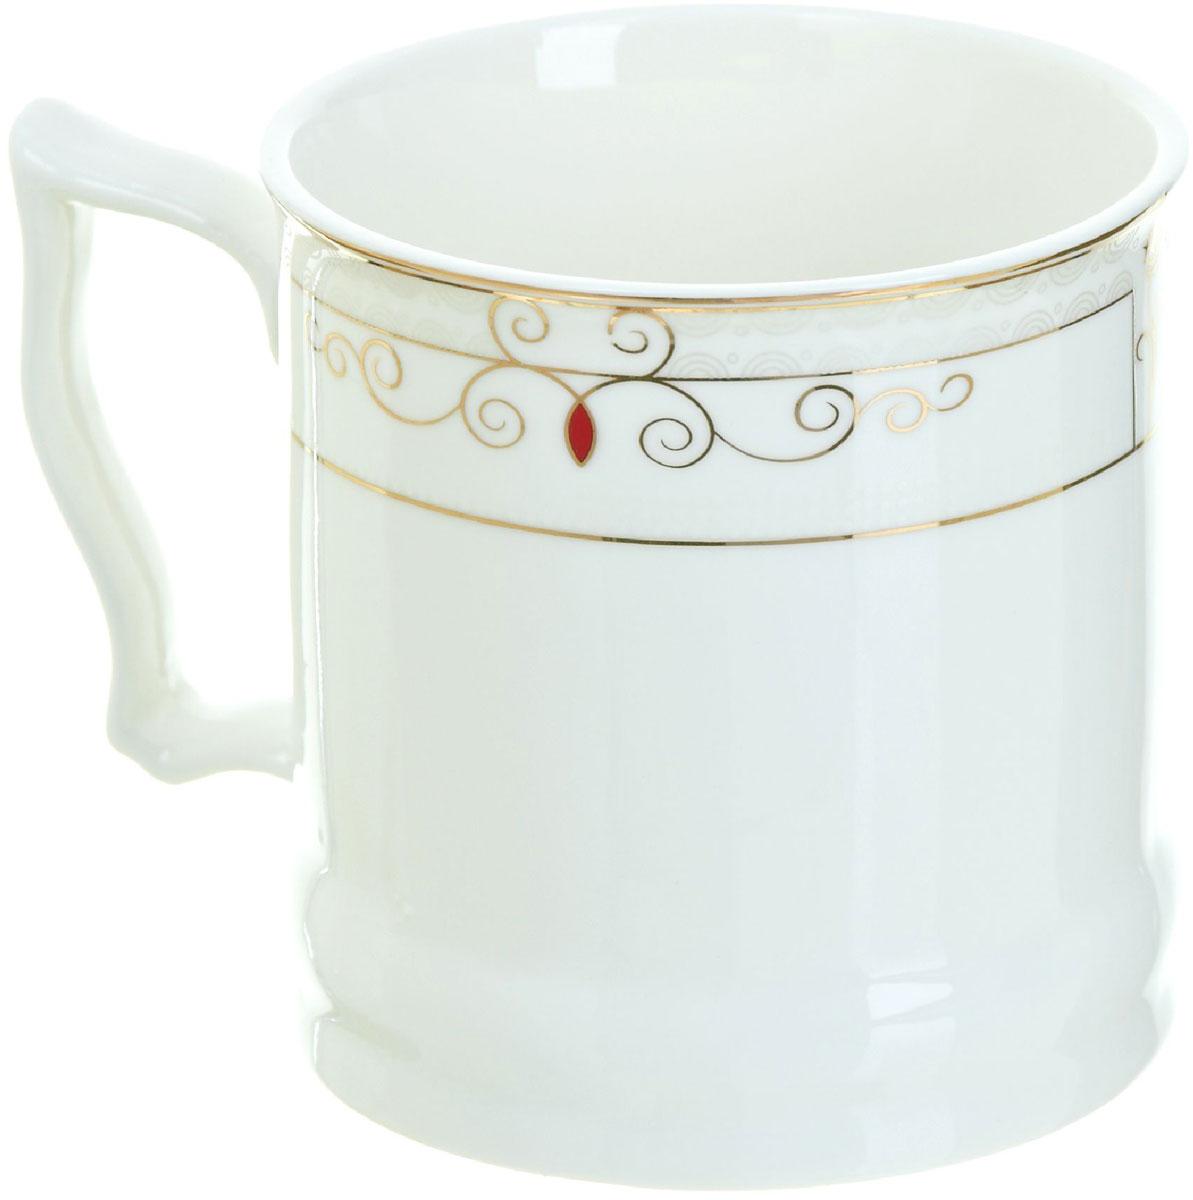 Кружка BHP Королевская кружка, 500 мл. 18700031870003Оригинальная кружка Best Home Porcelain, выполненная из высококачественного фарфора, сочетает в себе простой, утонченный дизайн с максимальной функциональностью. Оригинальность оформления придутся по вкусу тем, кто ценит индивидуальность. В комплект входит кружка. Можно использовать в ПММ.